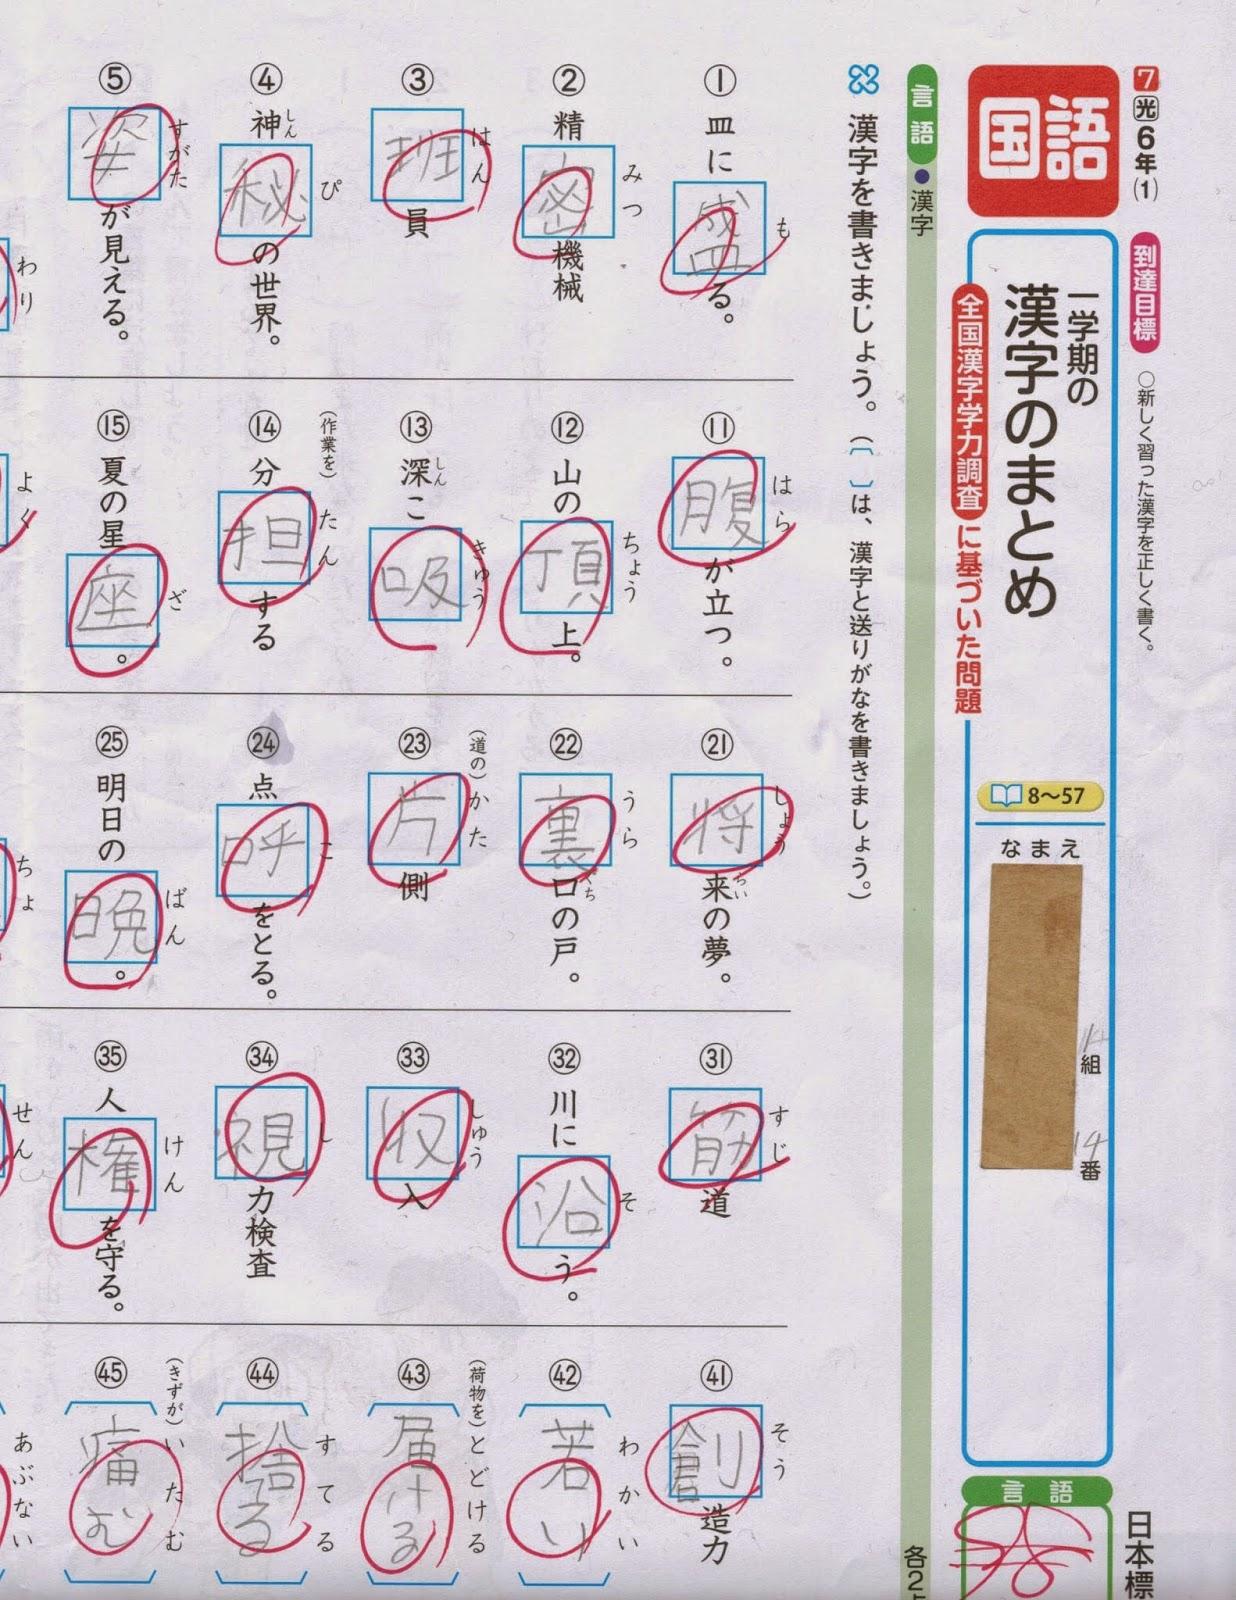 ... 成果と、漢字学習の次なる課題